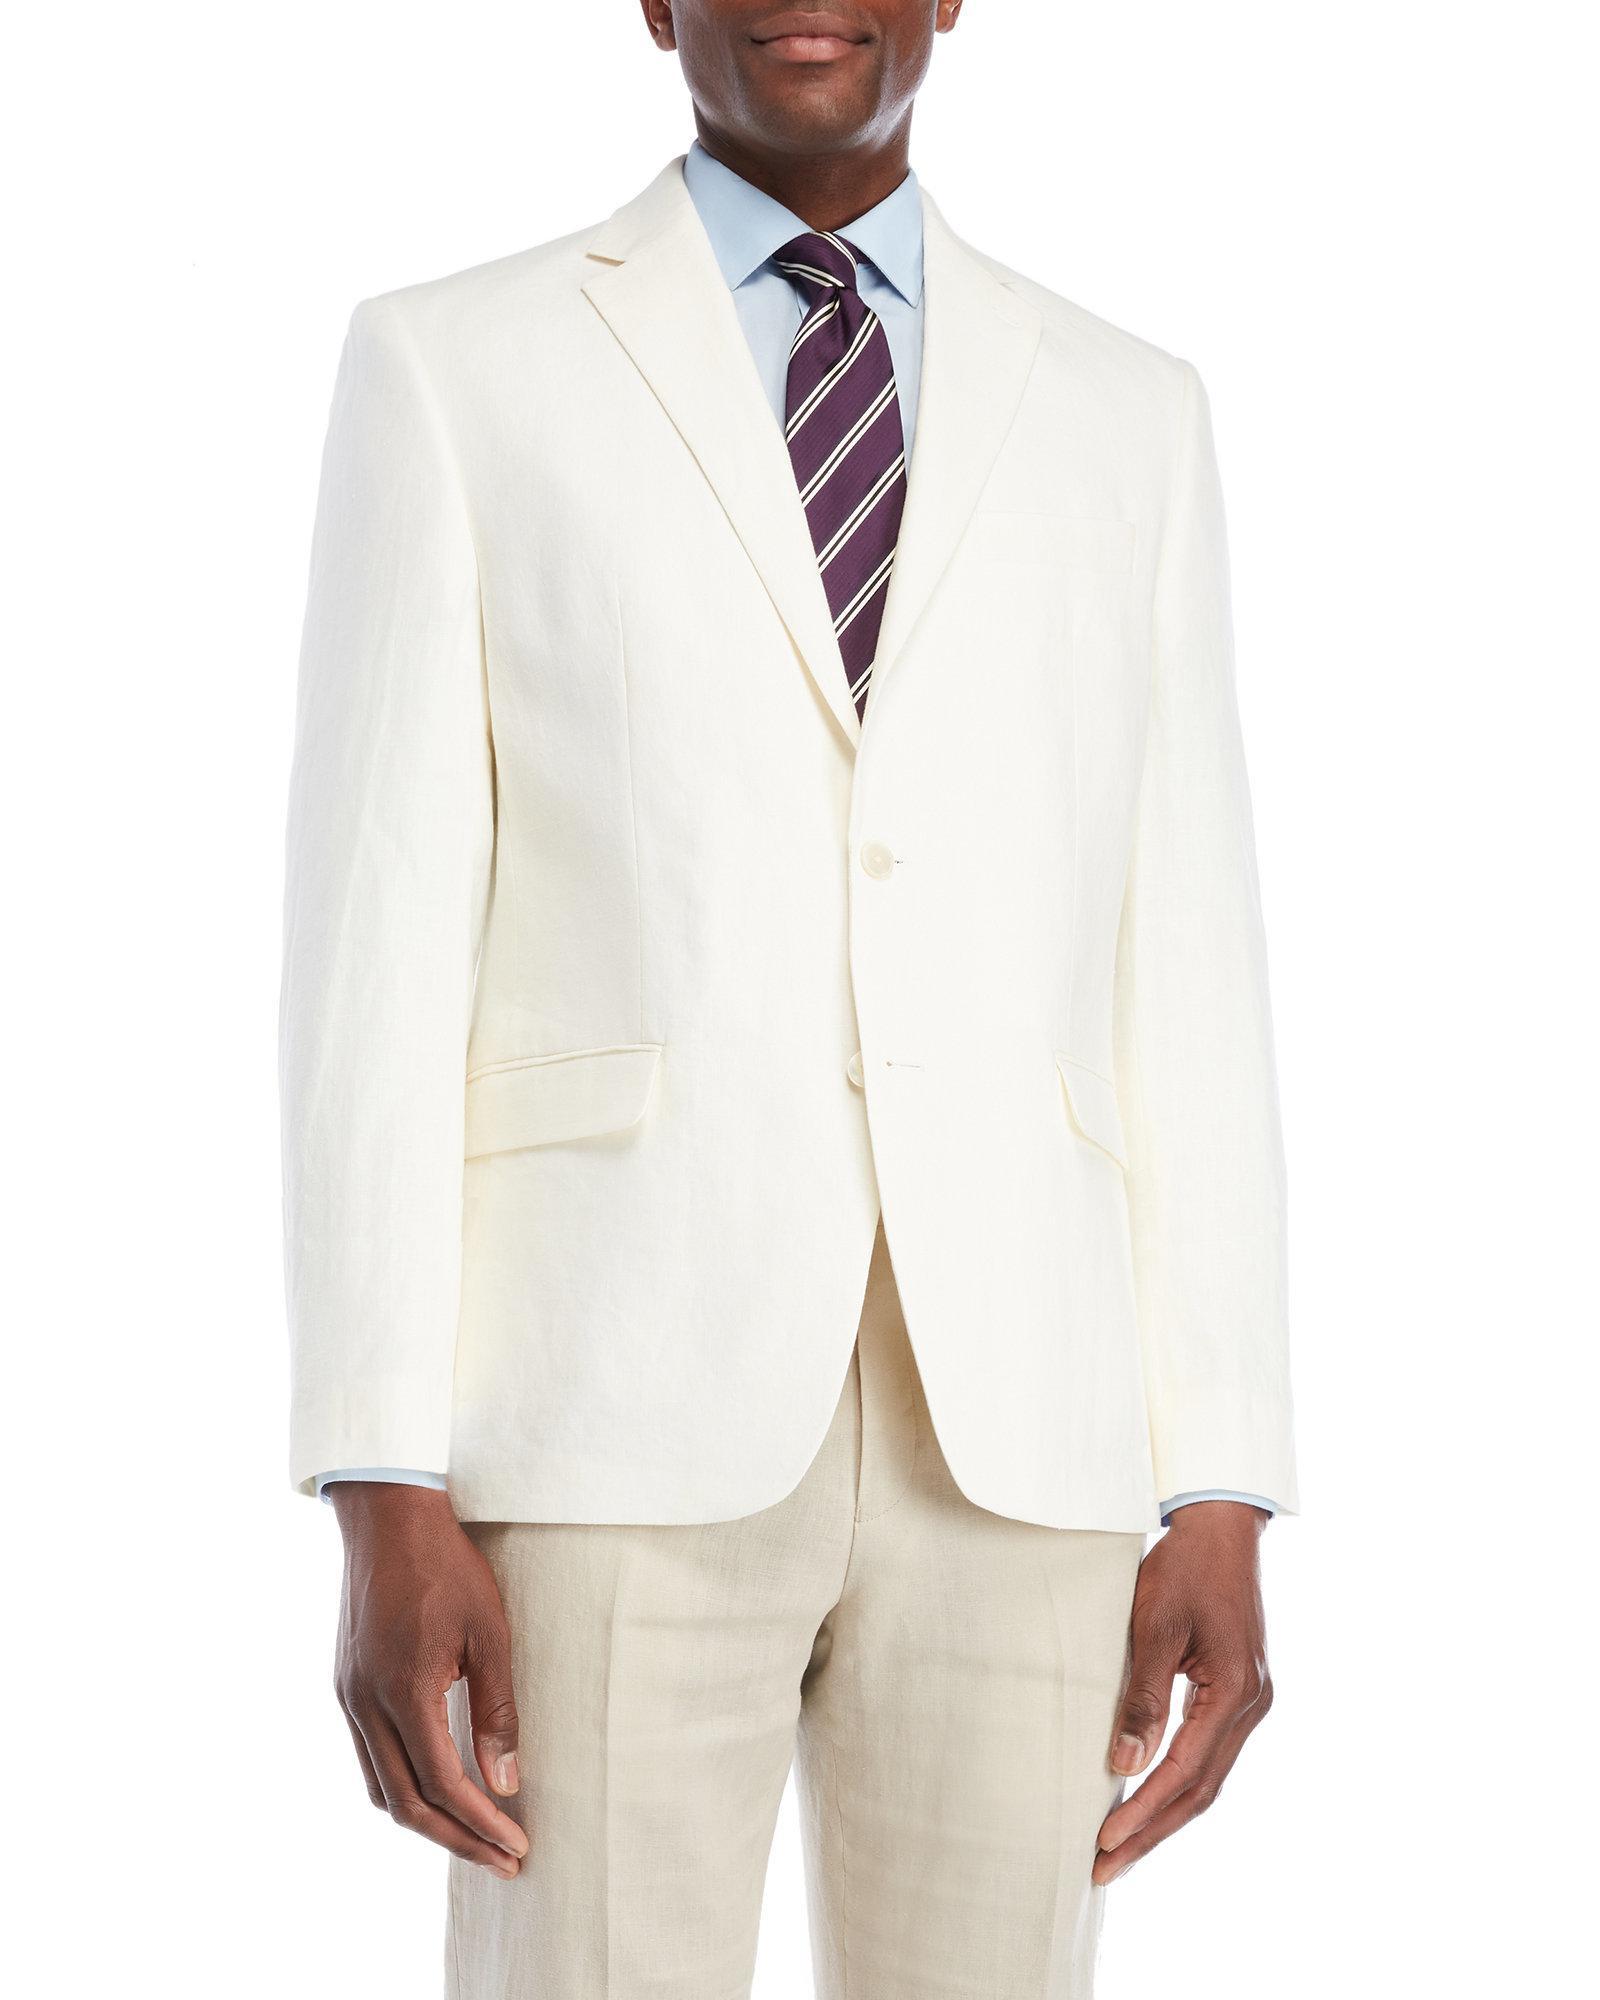 732d63b6d9 Lauren by Ralph Lauren Off White Linen Sport Coat for men